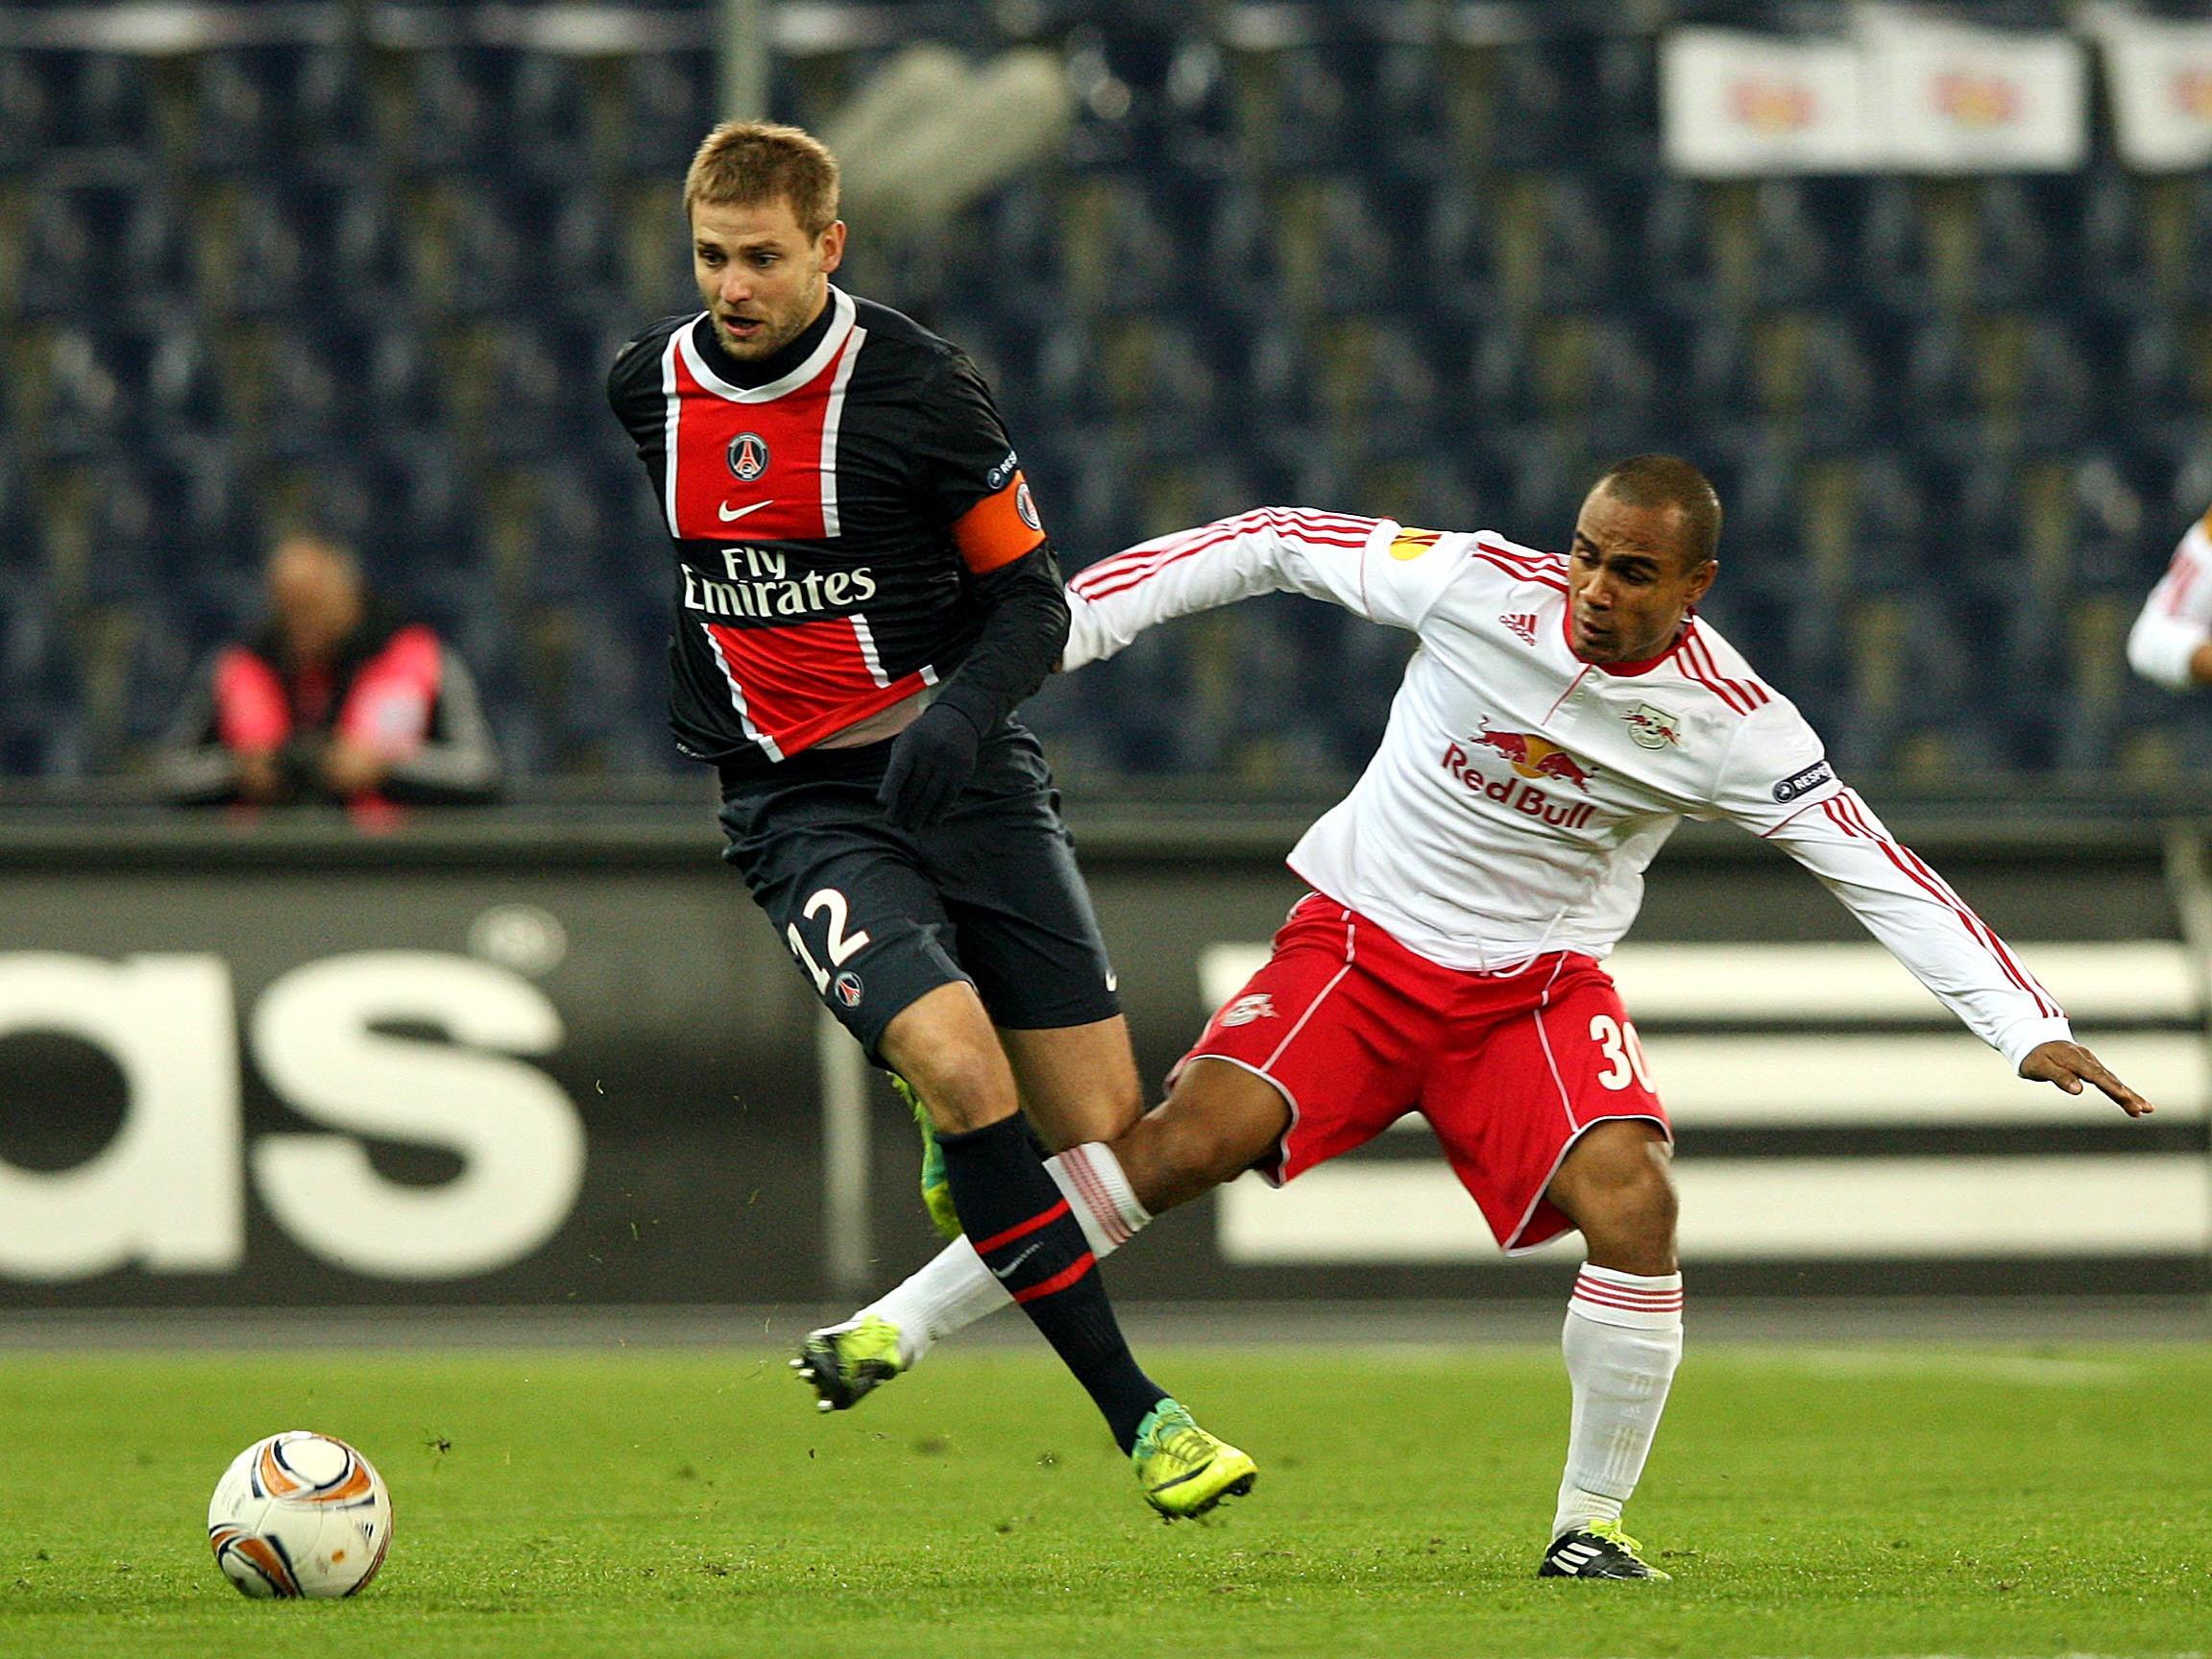 Red Bull Salzburg gewinnt daheim mit 2:0 gegen PSG.